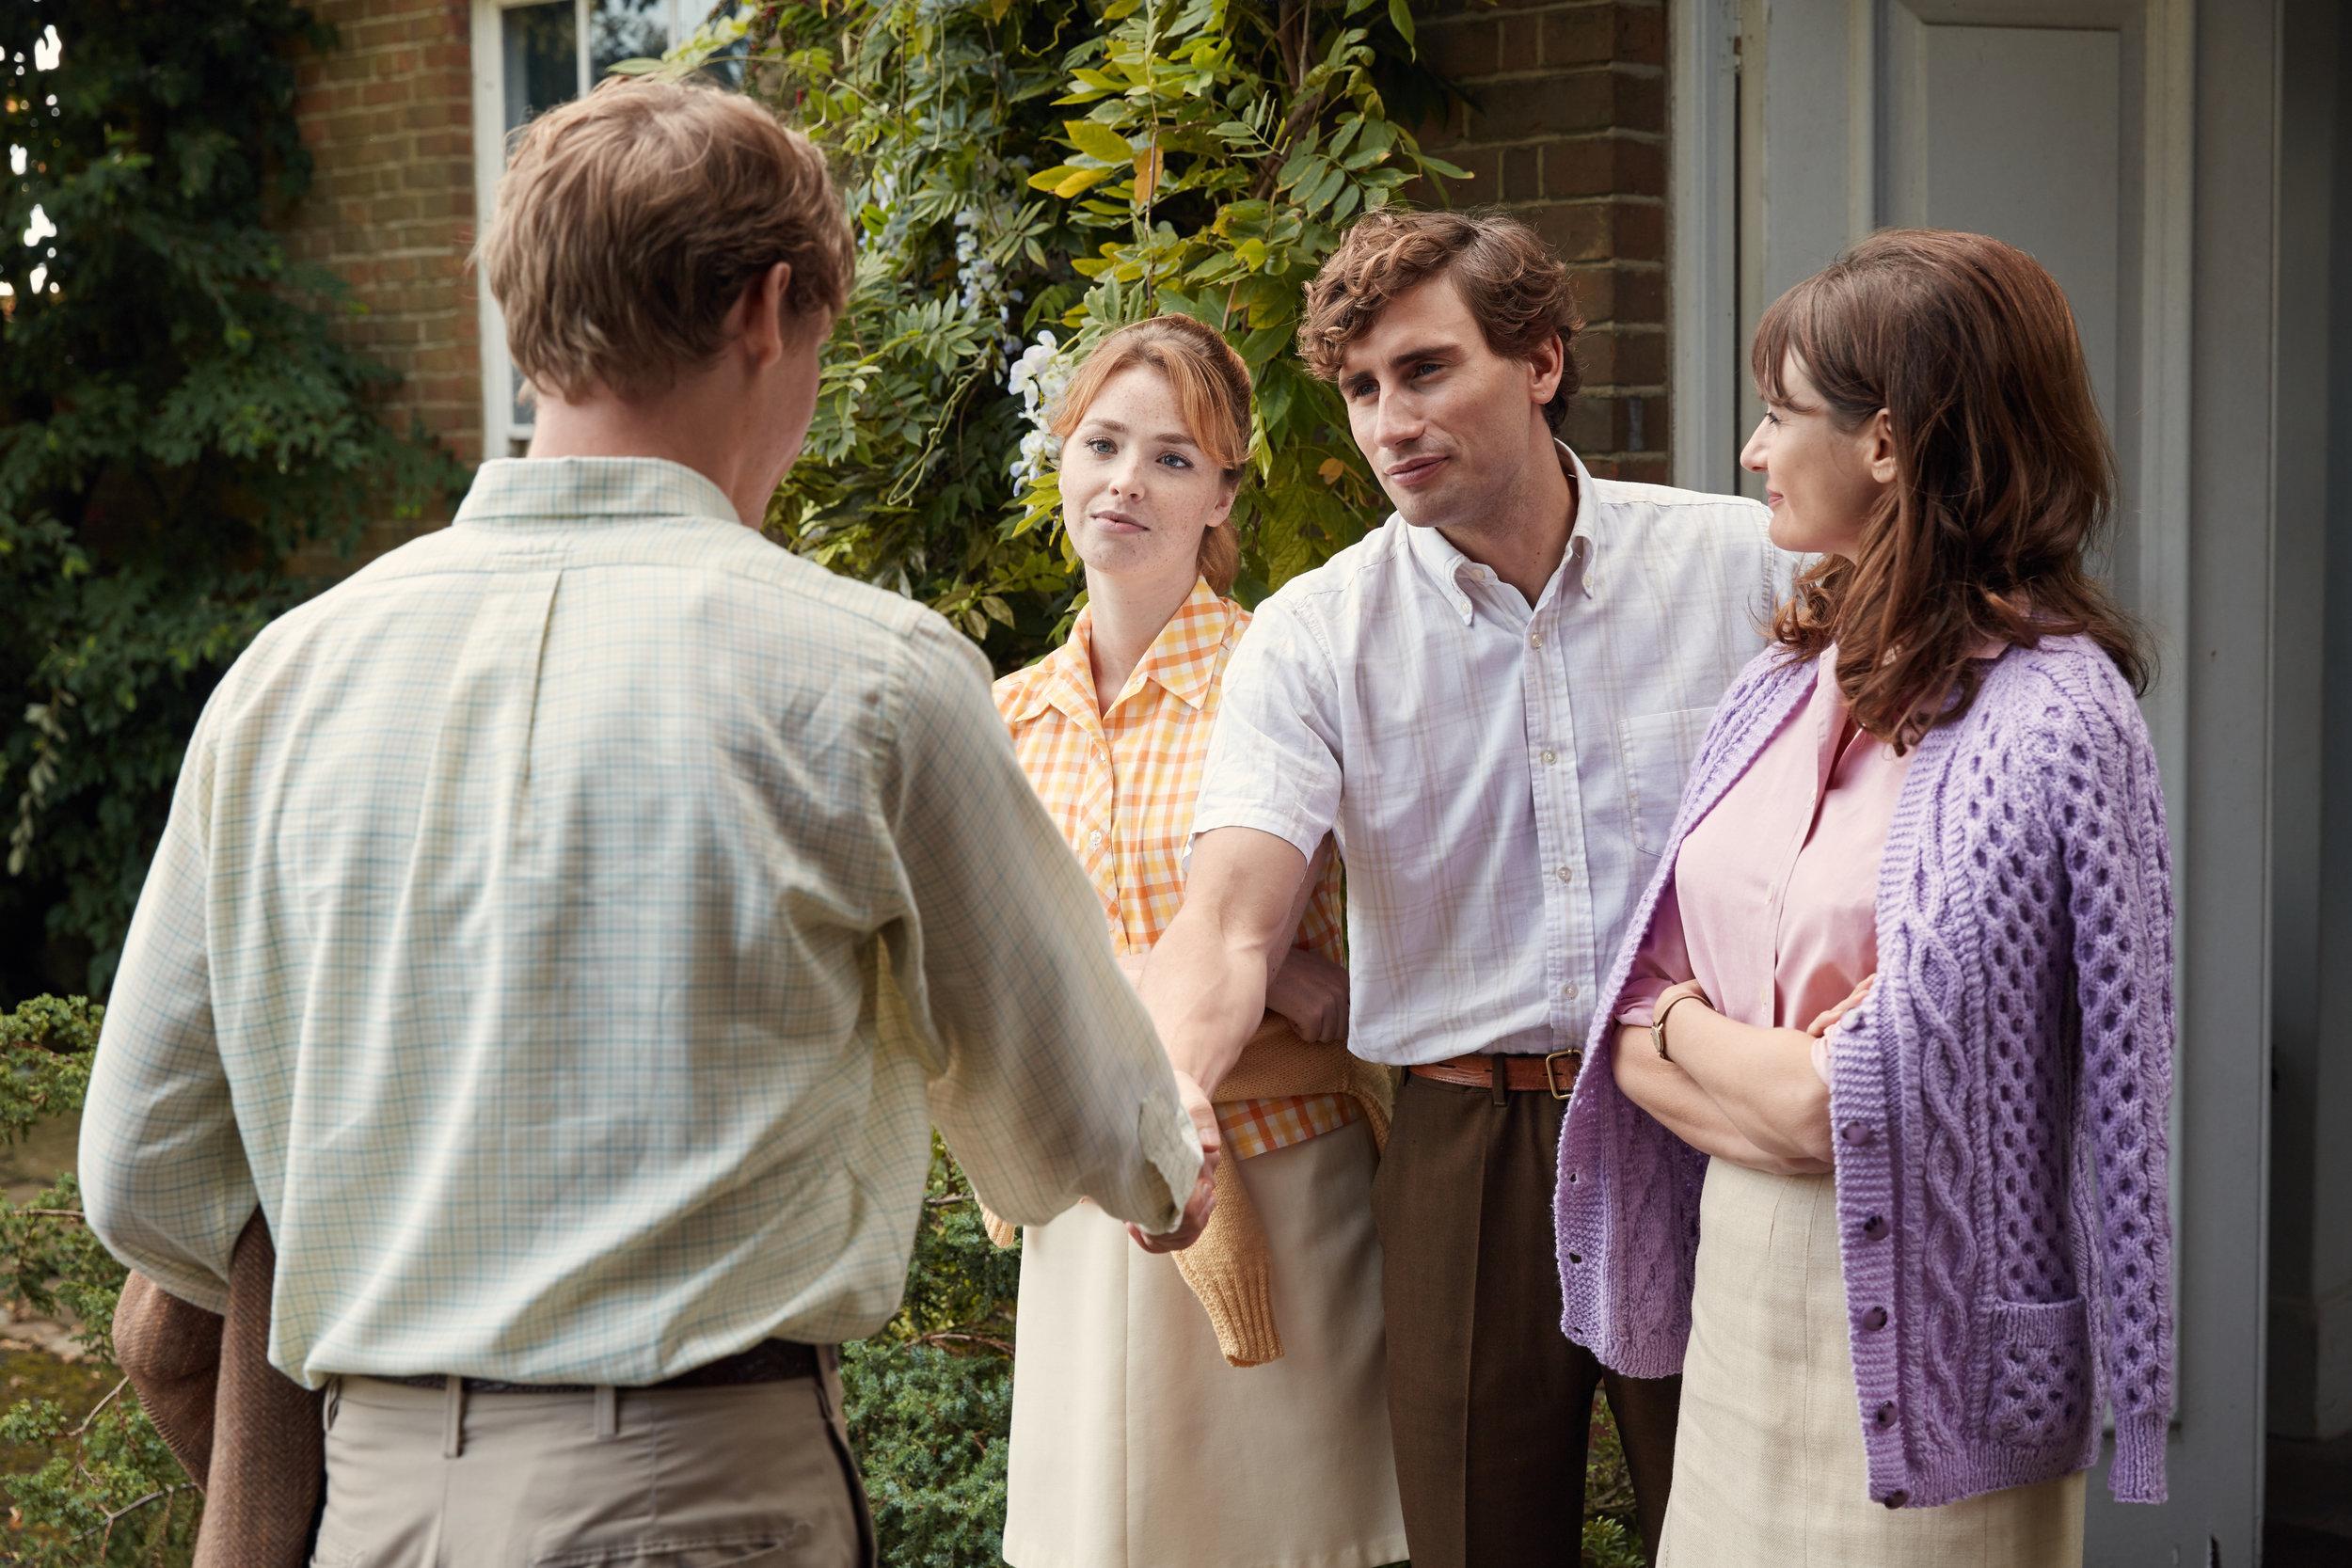 Studenten Tony på besøk hos kjæresten Veronica (Freya Mavor), hennes bror og mor (Emily Mortimer).